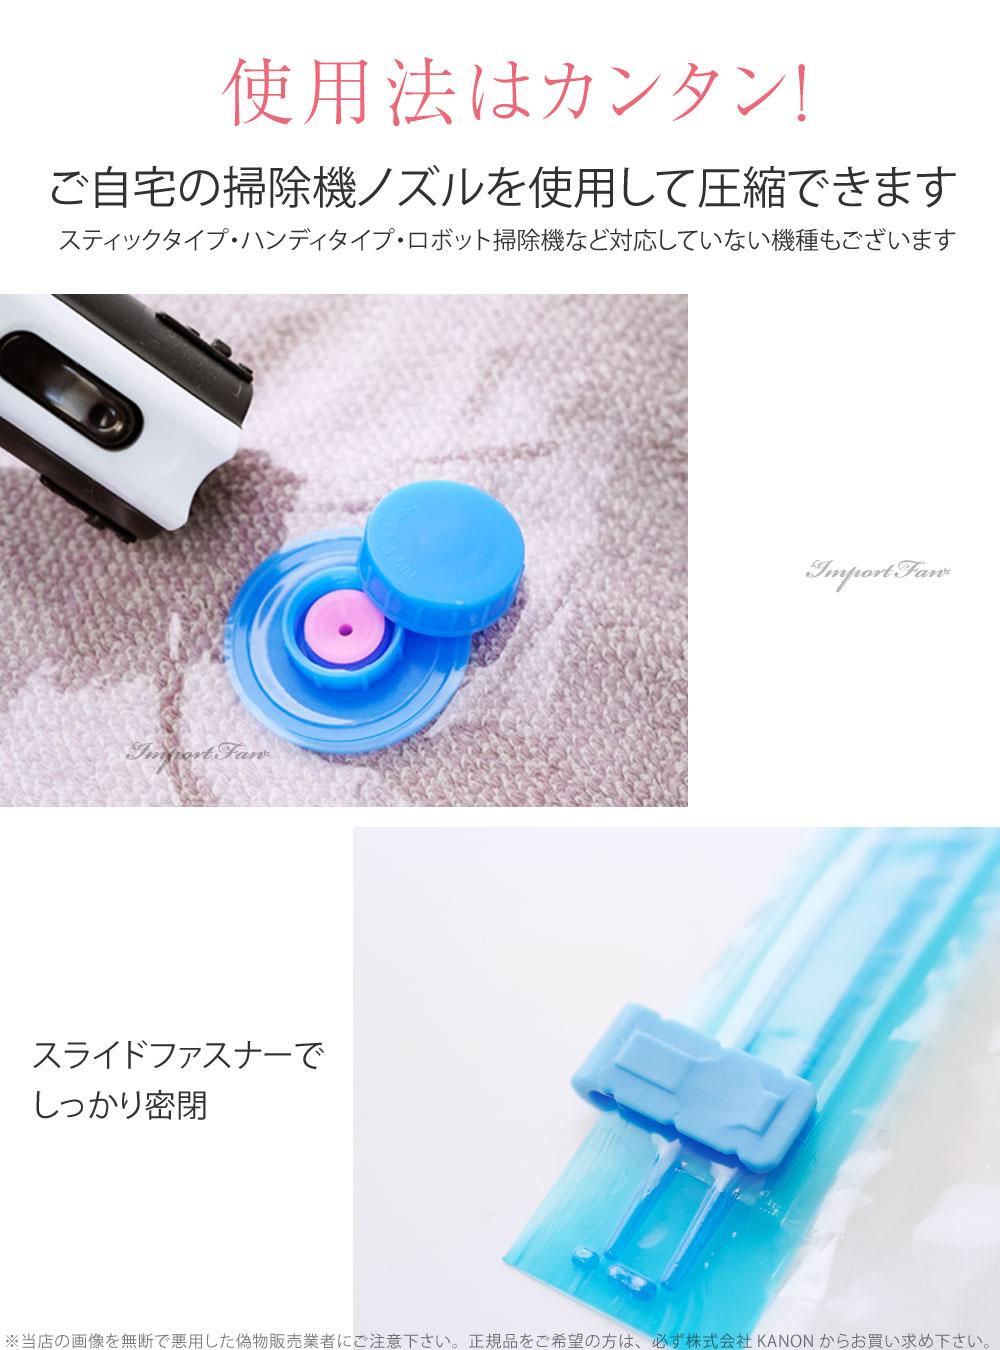 衣類用 圧縮袋 Mサイズ (40*50) 10枚セット 小分け ロック バルブ式圧縮袋 □